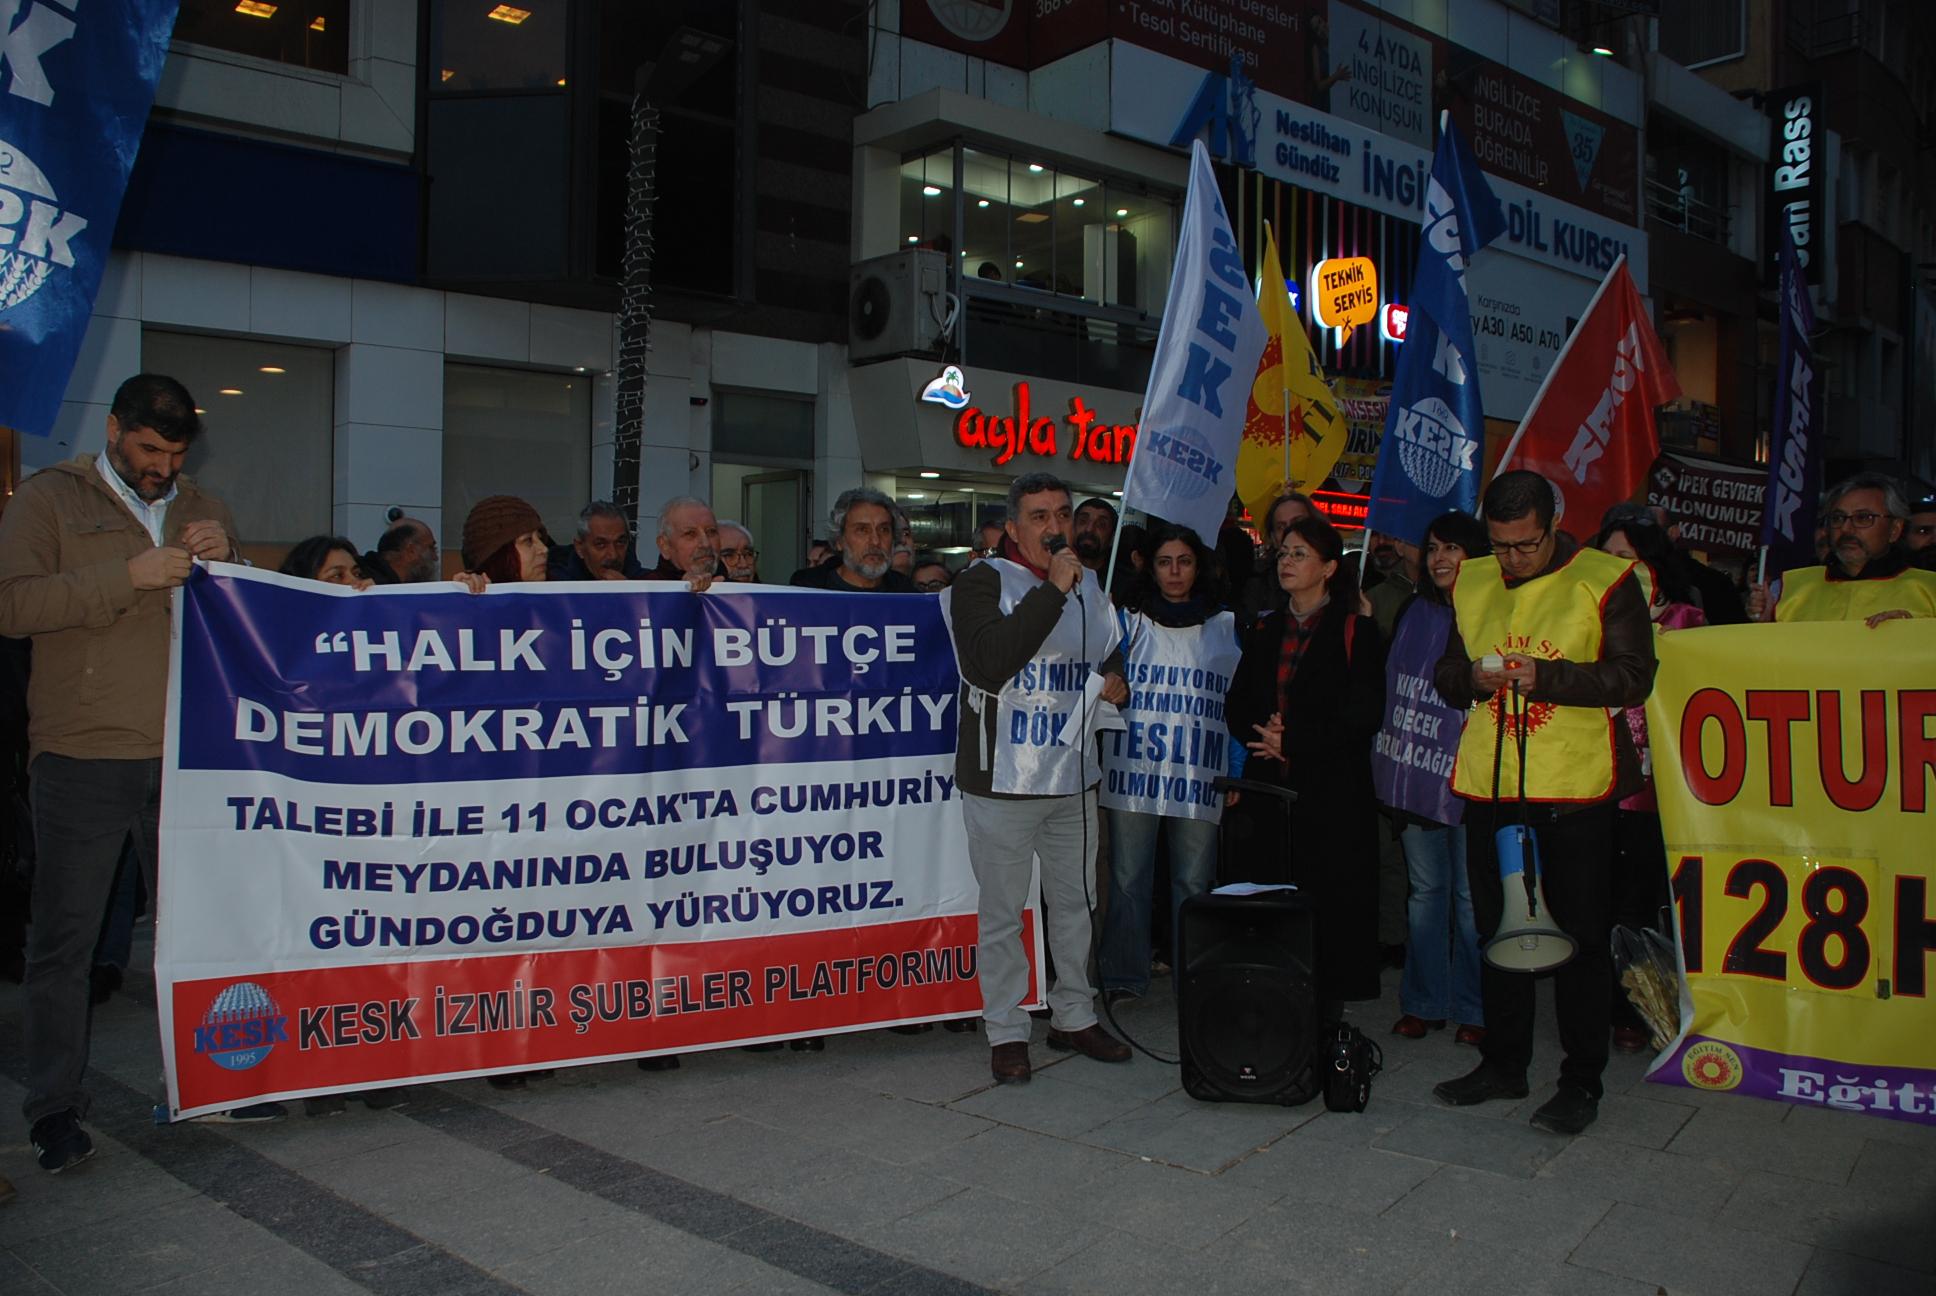 KESK İzmir Şubeler Platformumuzdan 11 Ocak Mitingimize Çağrı!